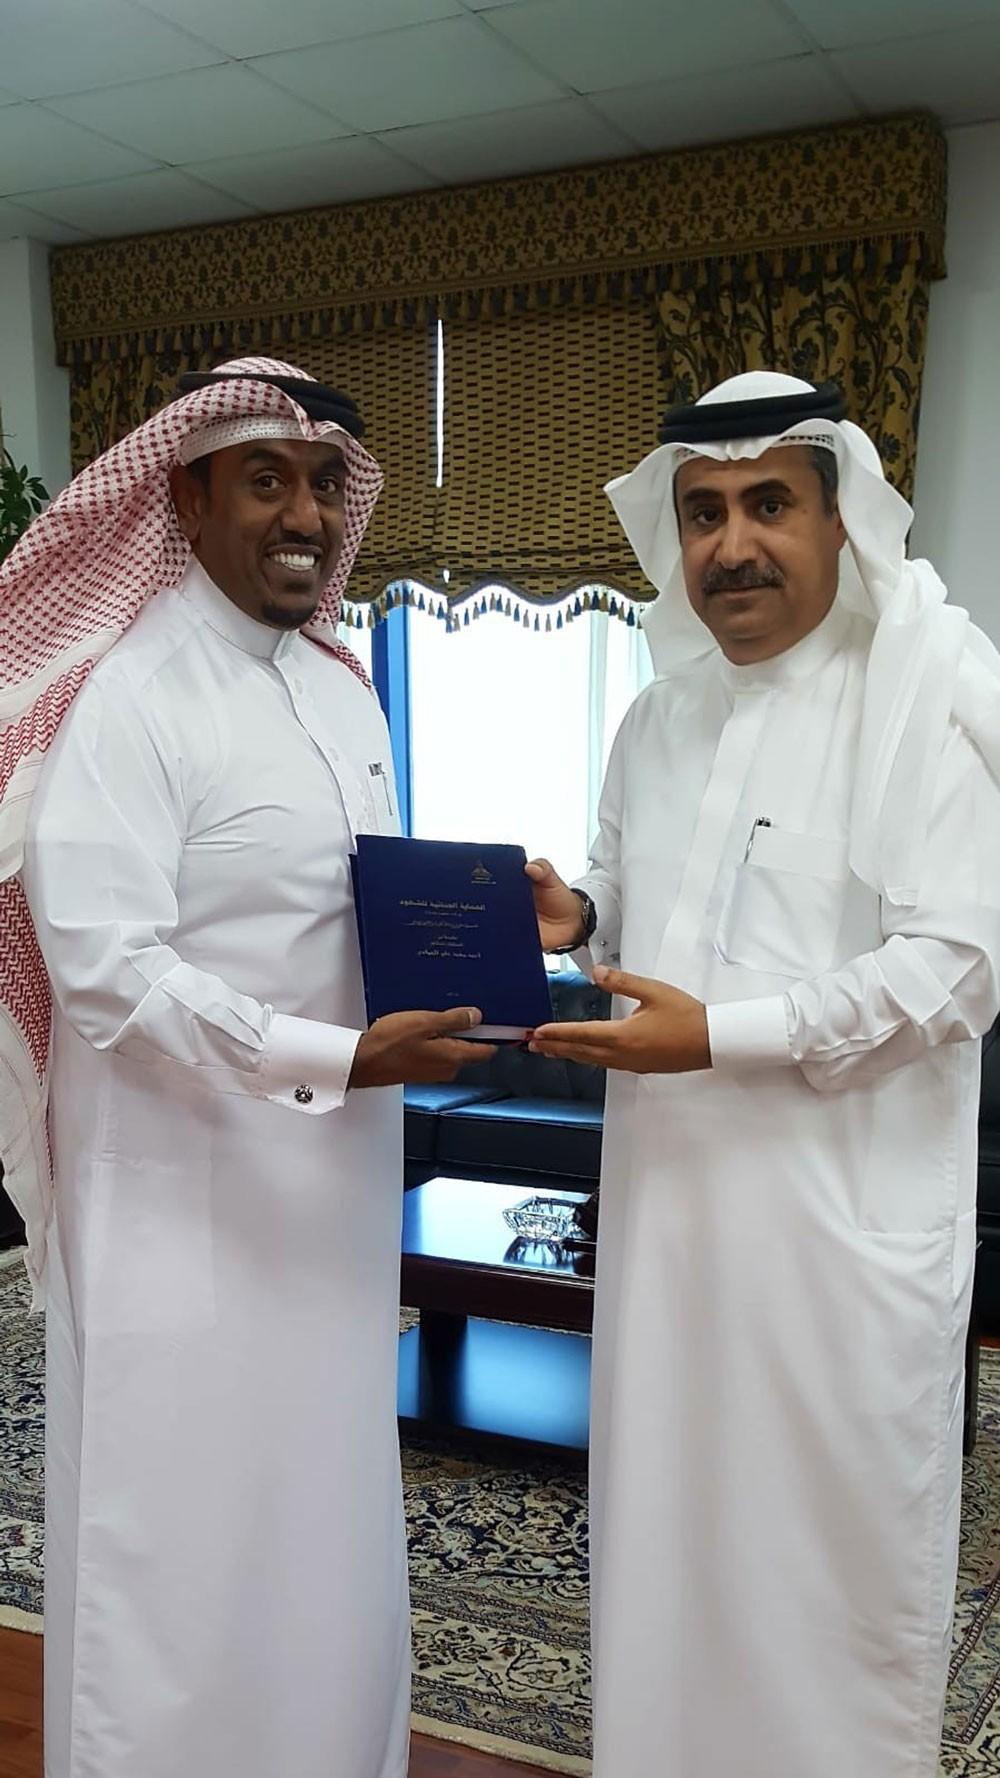 النائب العام يتسلم نسخة من رسالة الدكتوراه للمستشار أحمد الحمادي